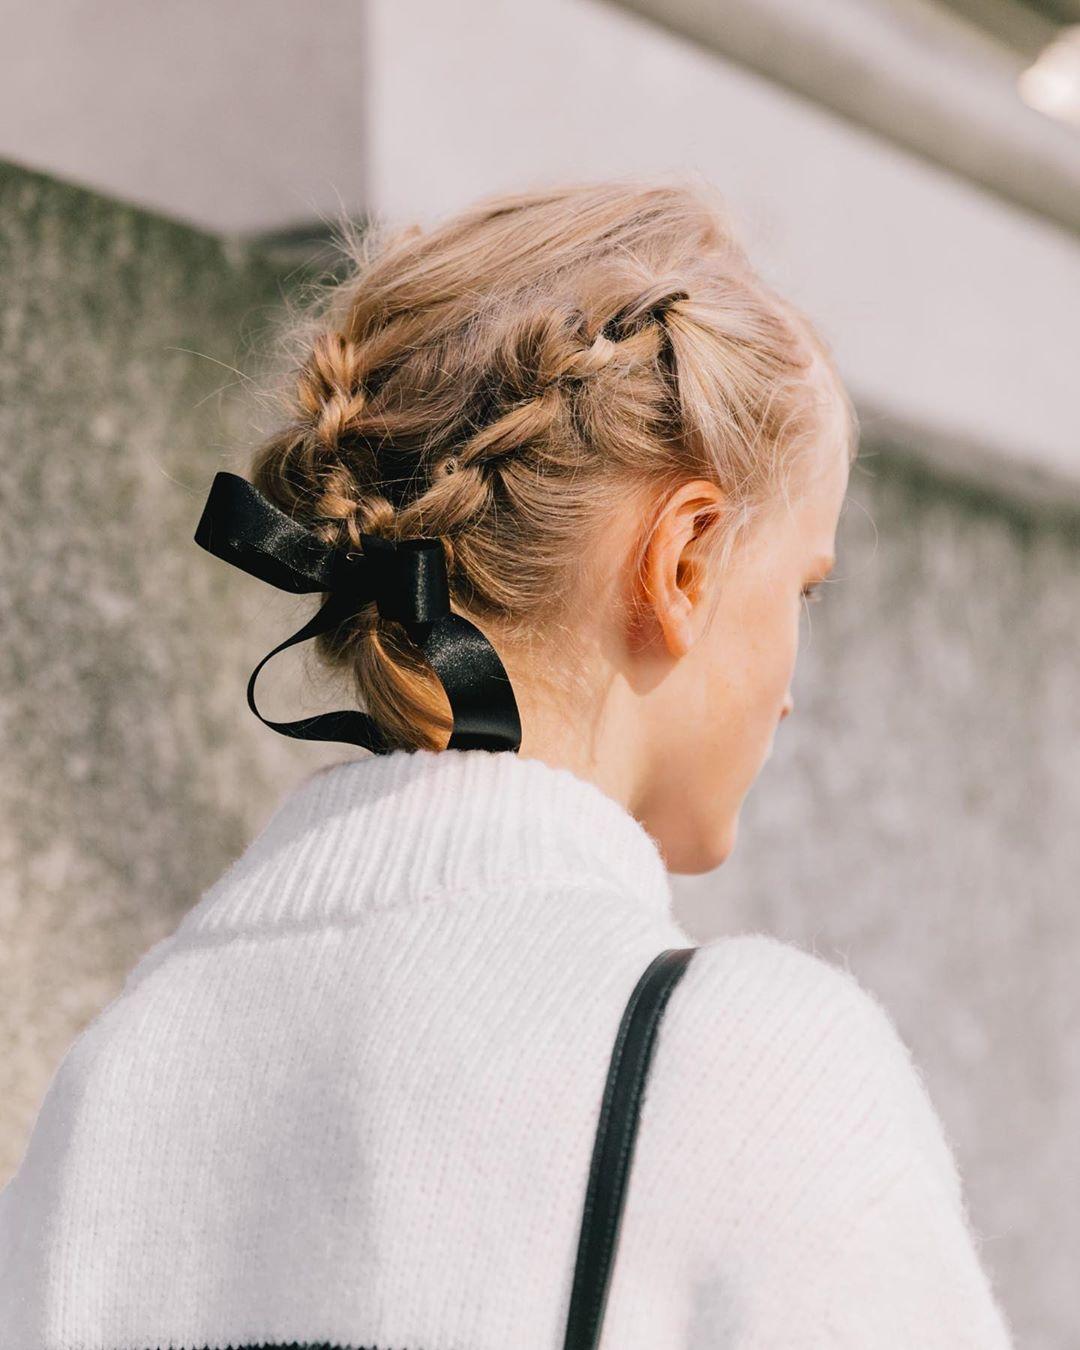 Phụ kiện thời trang cung xử nữ - Cô gái thắt tóc bằng ruy băng đen